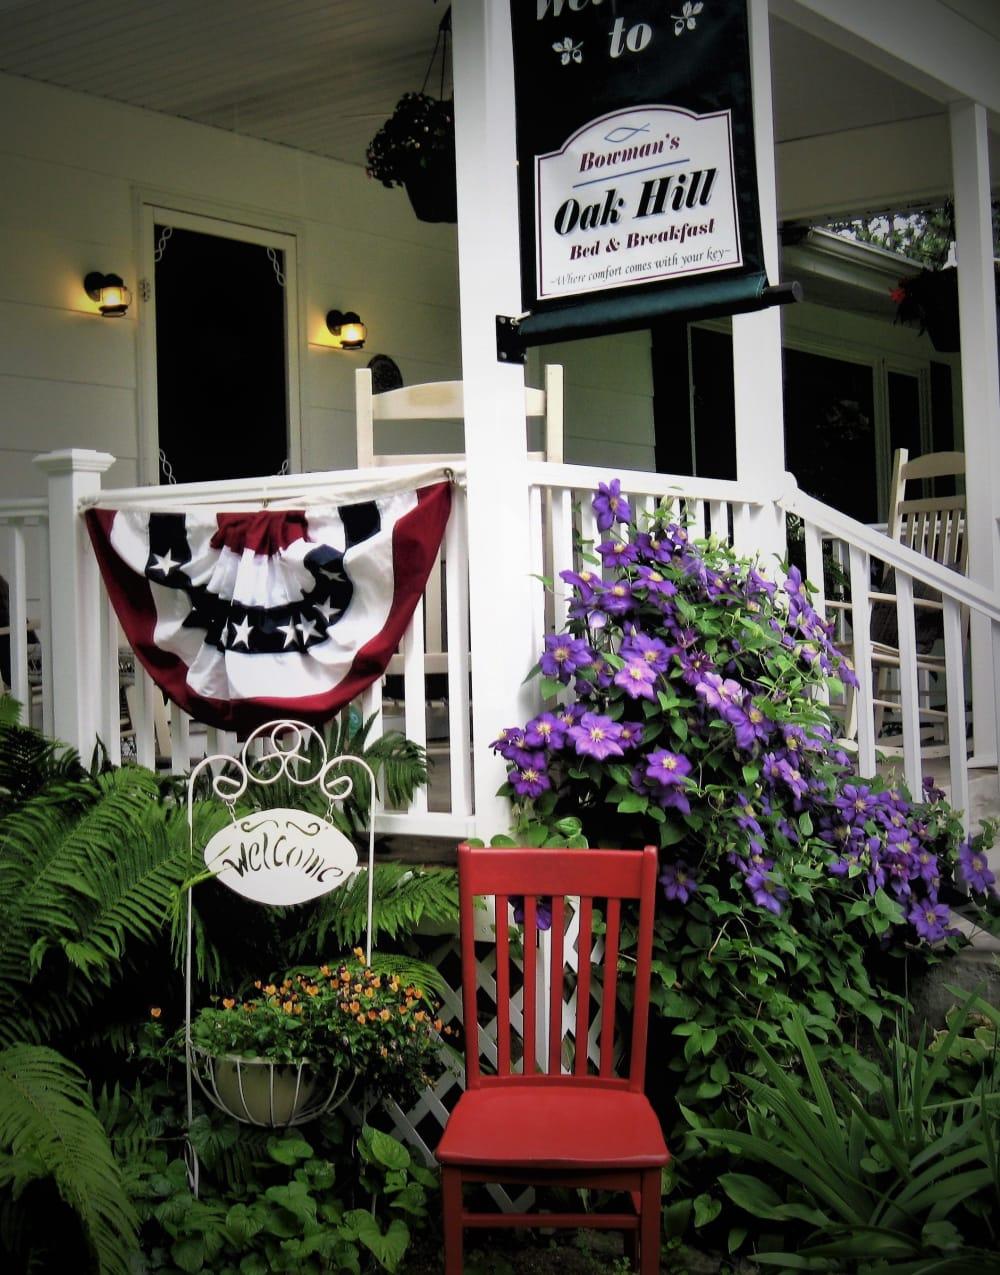 July 4th at Bowman's Oak Hill